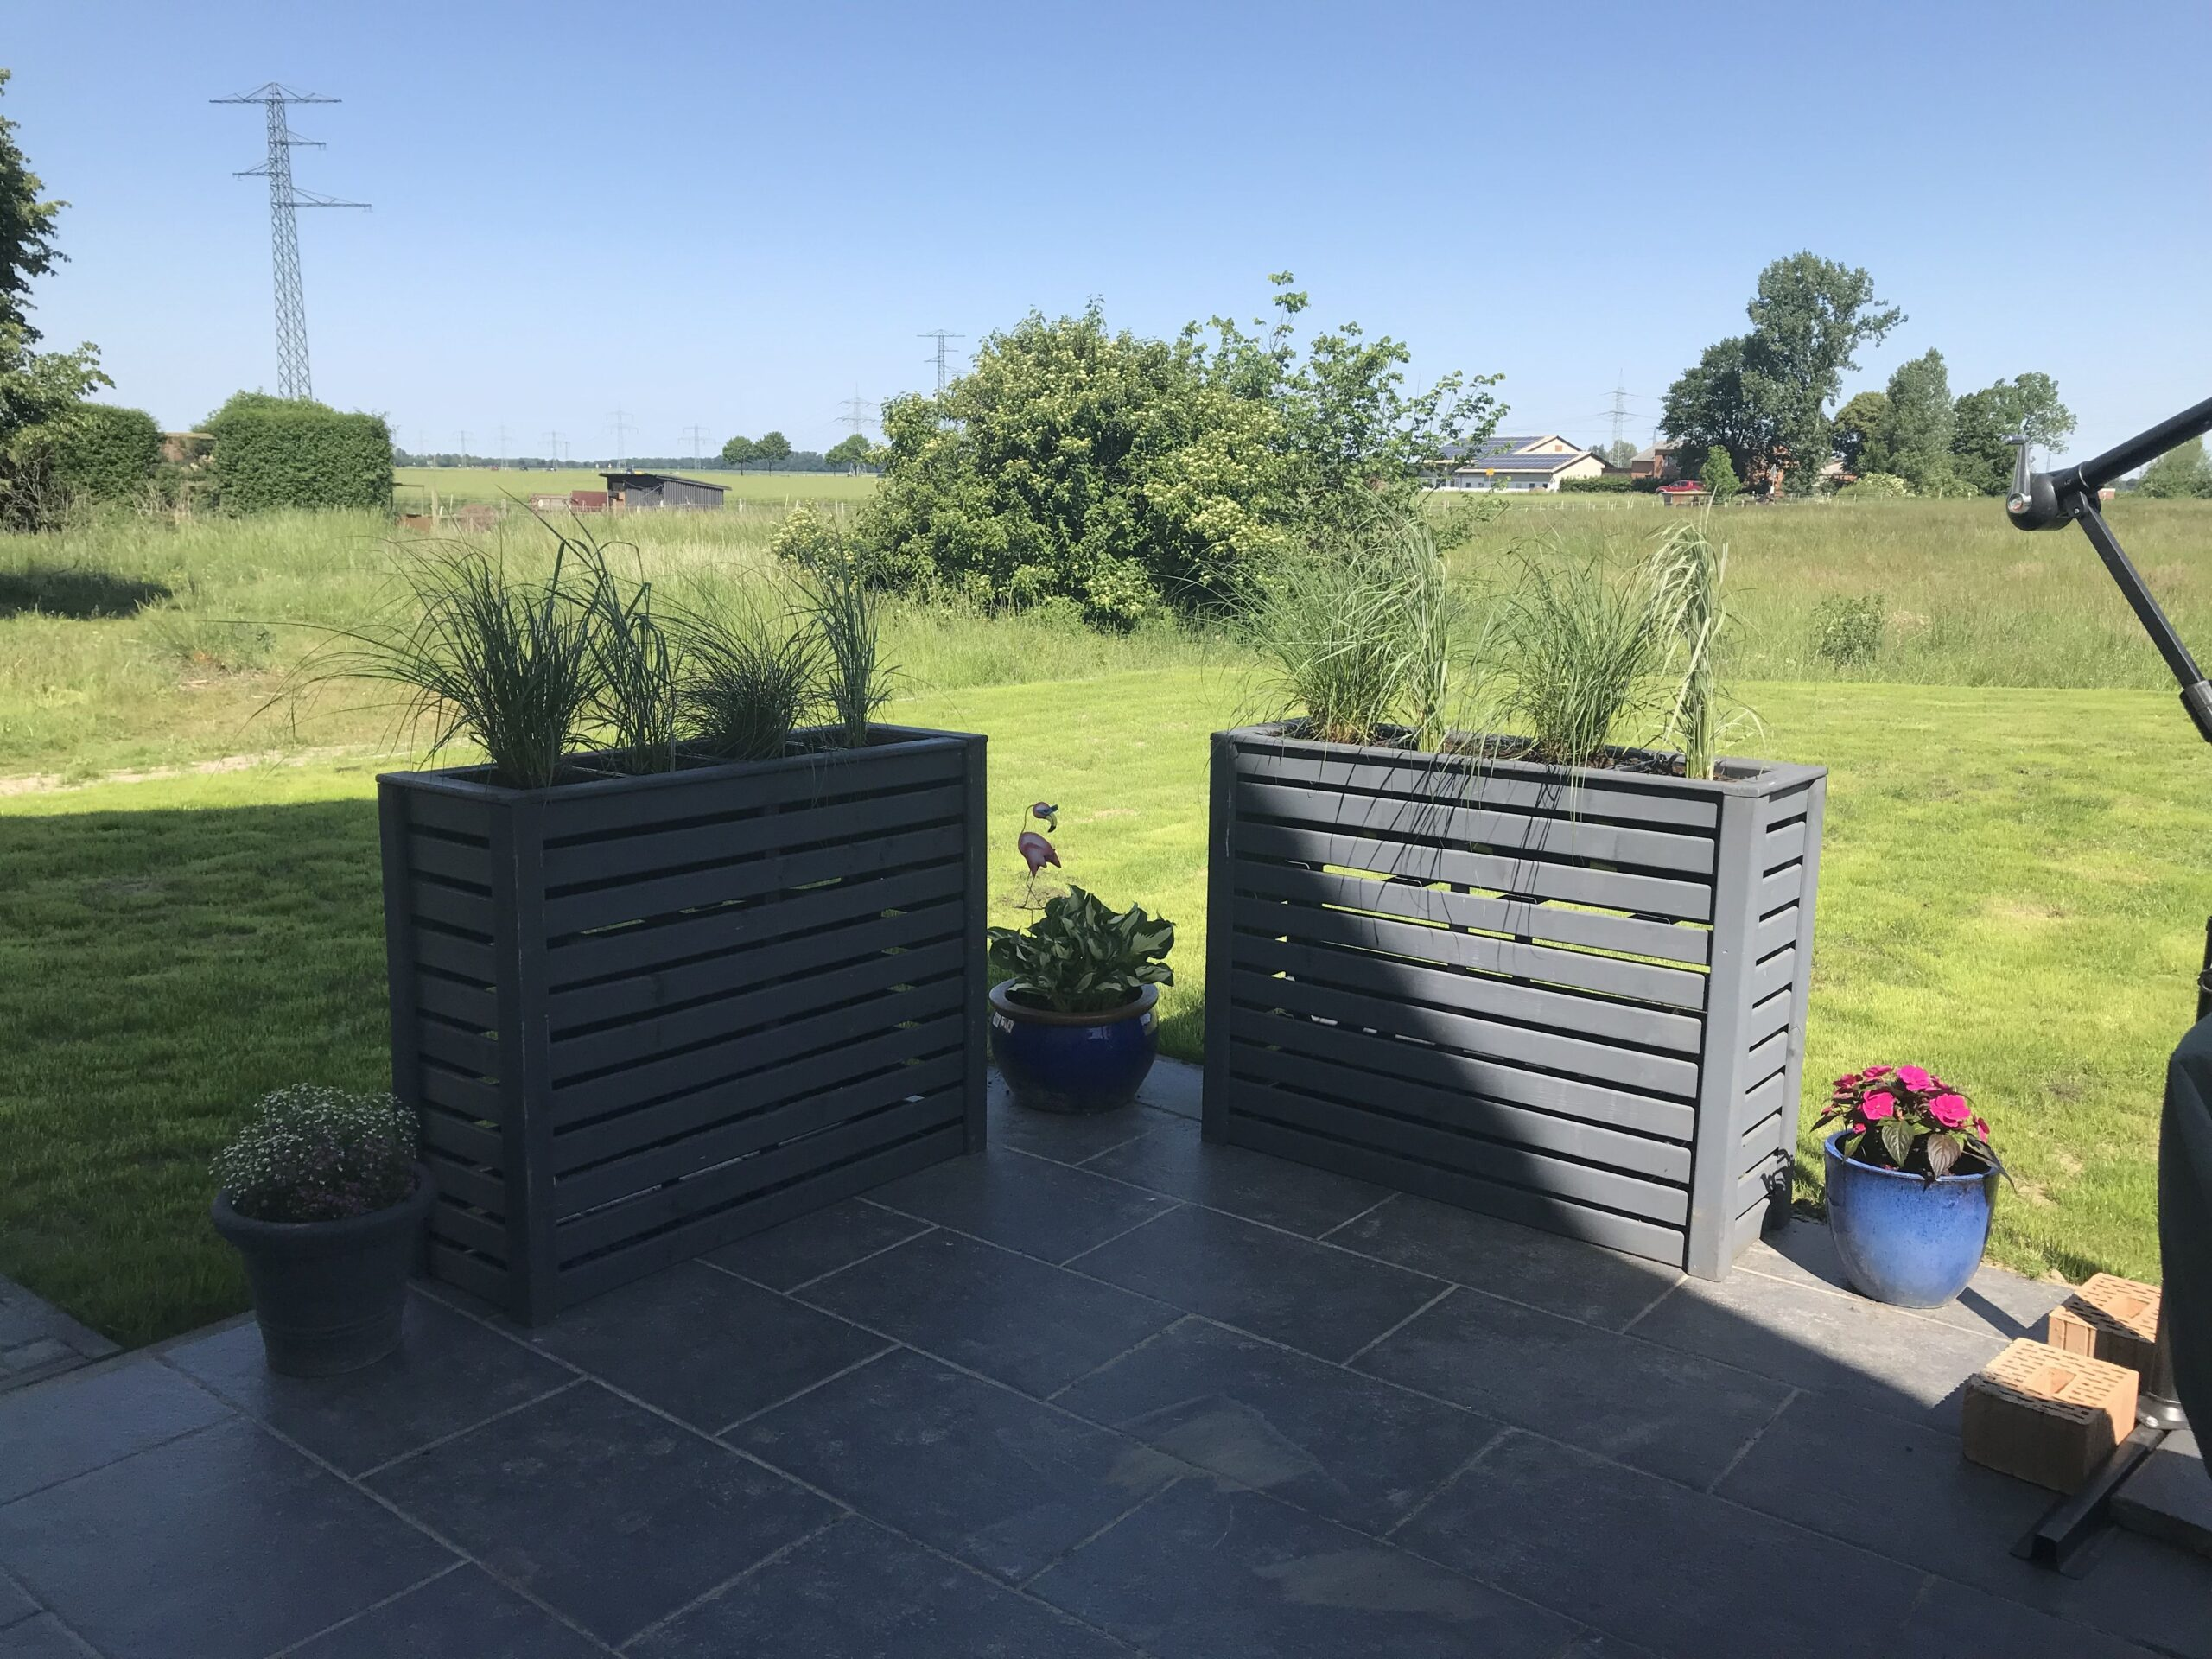 Full Size of Hochbeet Sichtschutz Pflanzen Für Garten Sichtschutzfolien Fenster Sichtschutzfolie Einseitig Durchsichtig Wpc Holz Im Wohnzimmer Hochbeet Sichtschutz